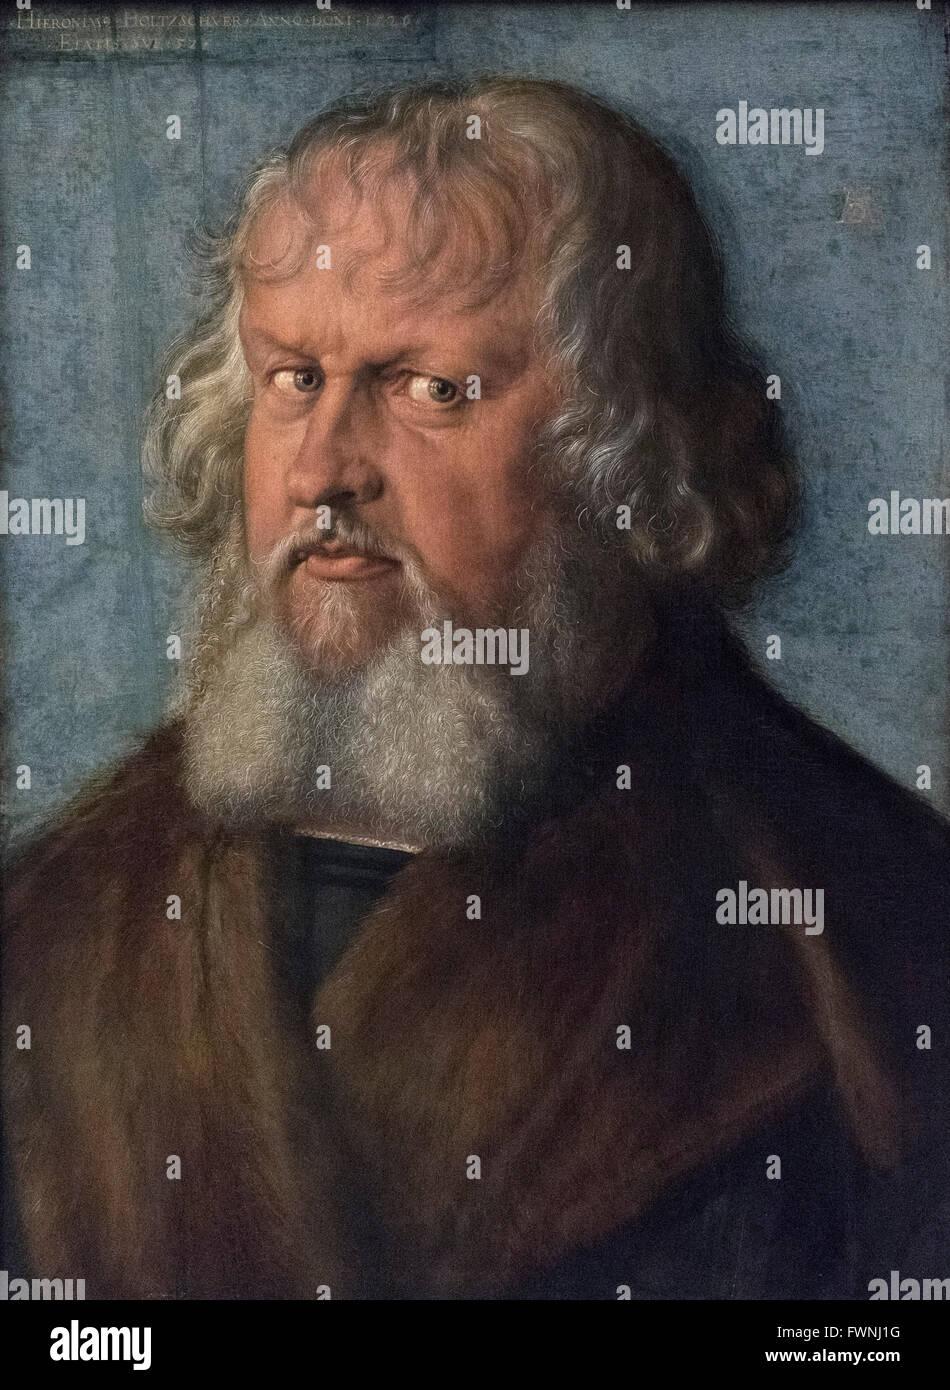 Albrecht Dürer (1471-1528), Porträt des Hieronymus Holzschuher (1469-1529), 1526. Stockbild